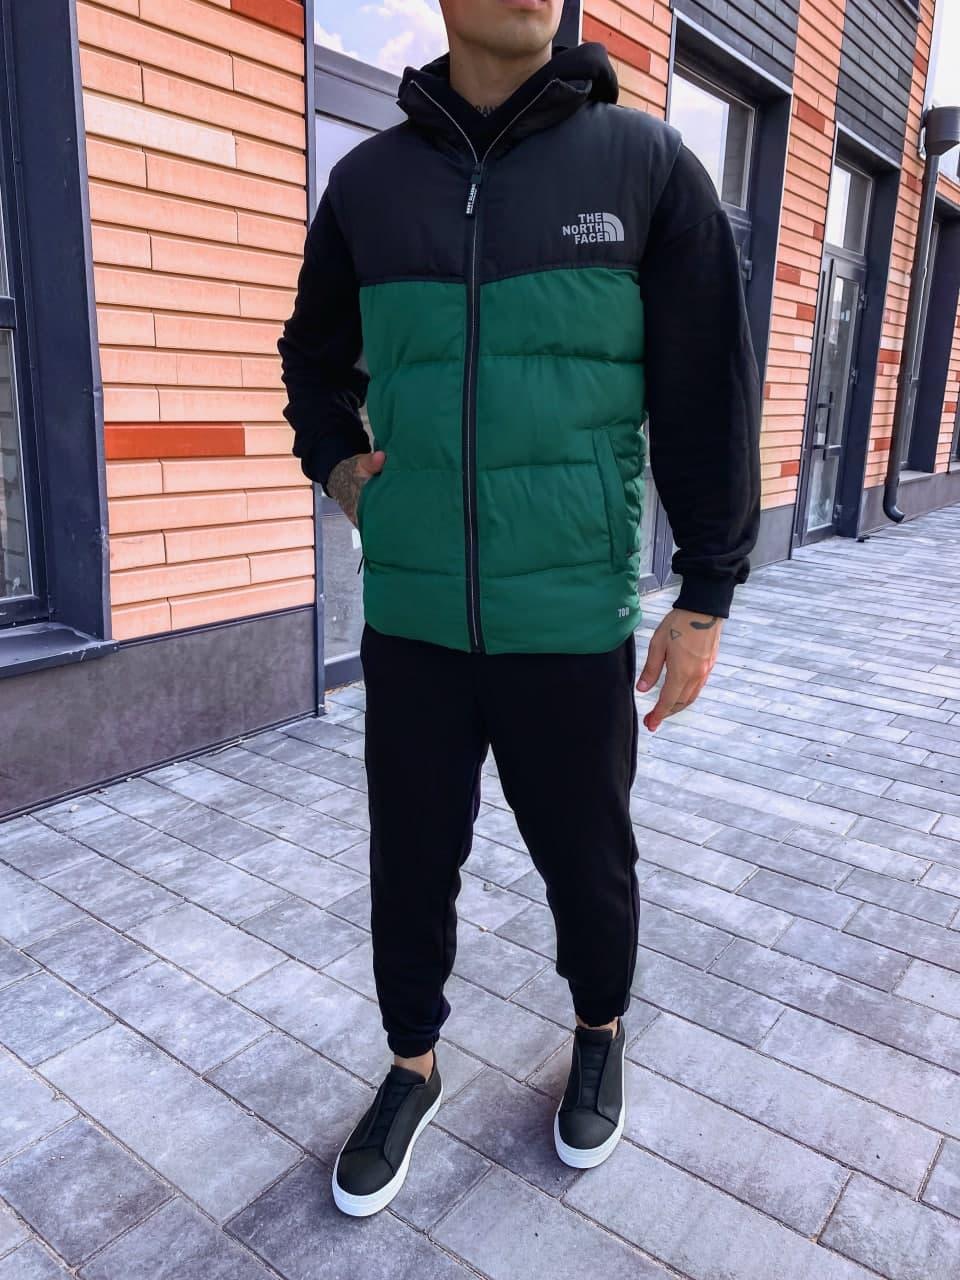 Чоловіча жилетка осіння The north face стильна (зелена) крута куртка на осінь ng5